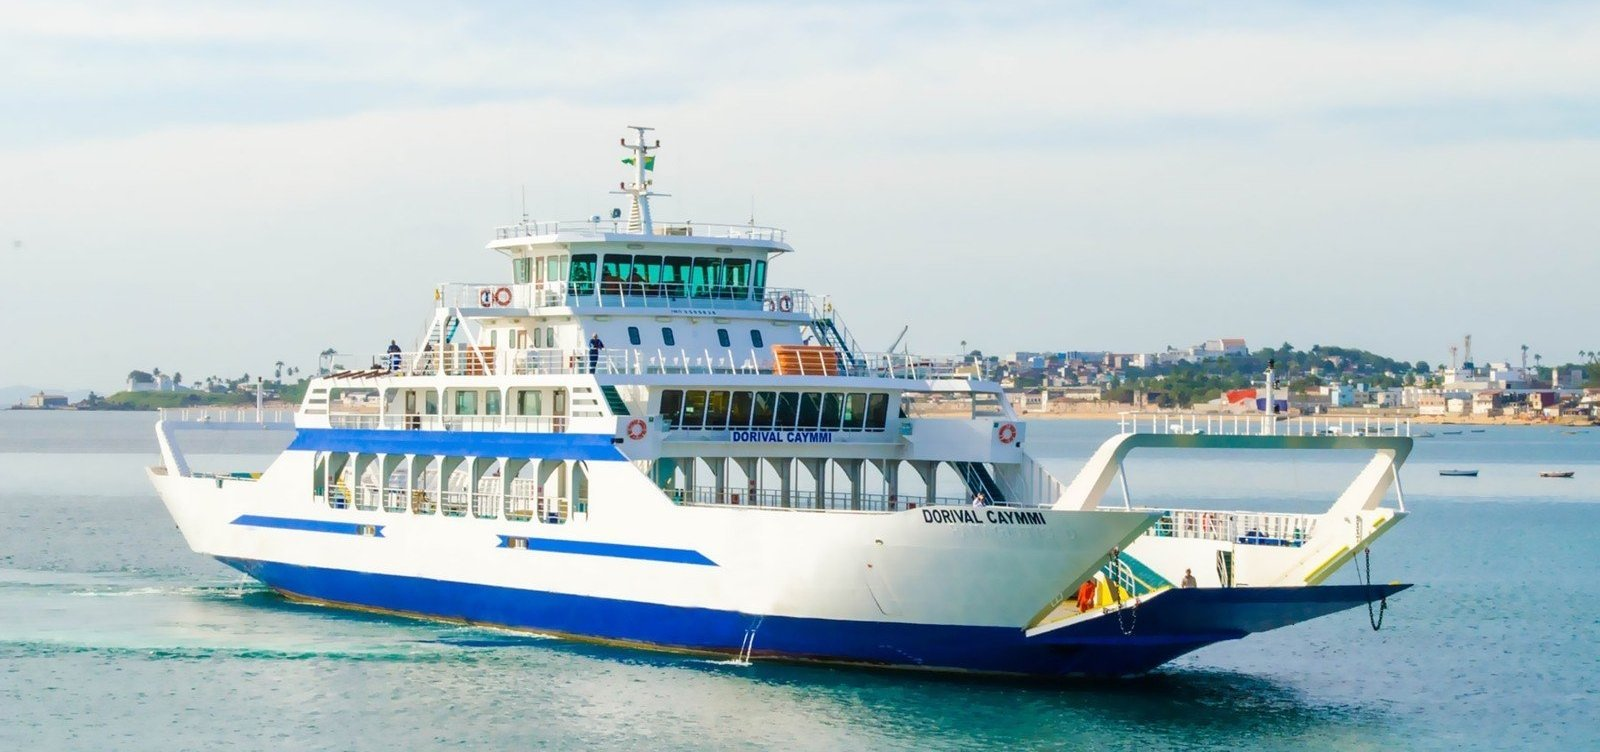 [Passagens com hora marcada voltam a ser vendidas no sistema ferry boat]